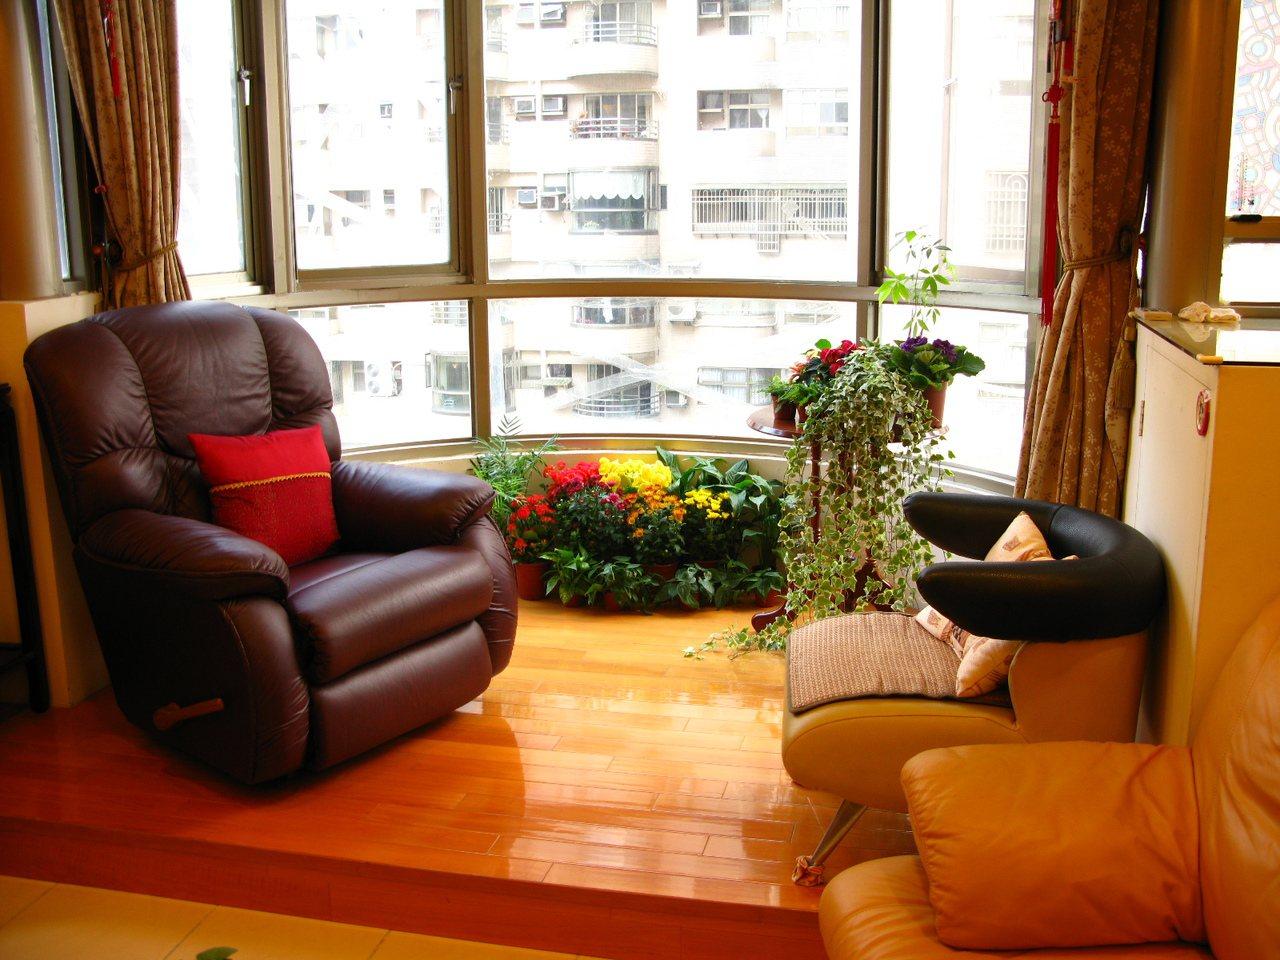 若要客廳家人聚集多,要降低室內二氧化碳濃度,建議可放置袖珍椰子、心葉蔓綠絨、非洲...